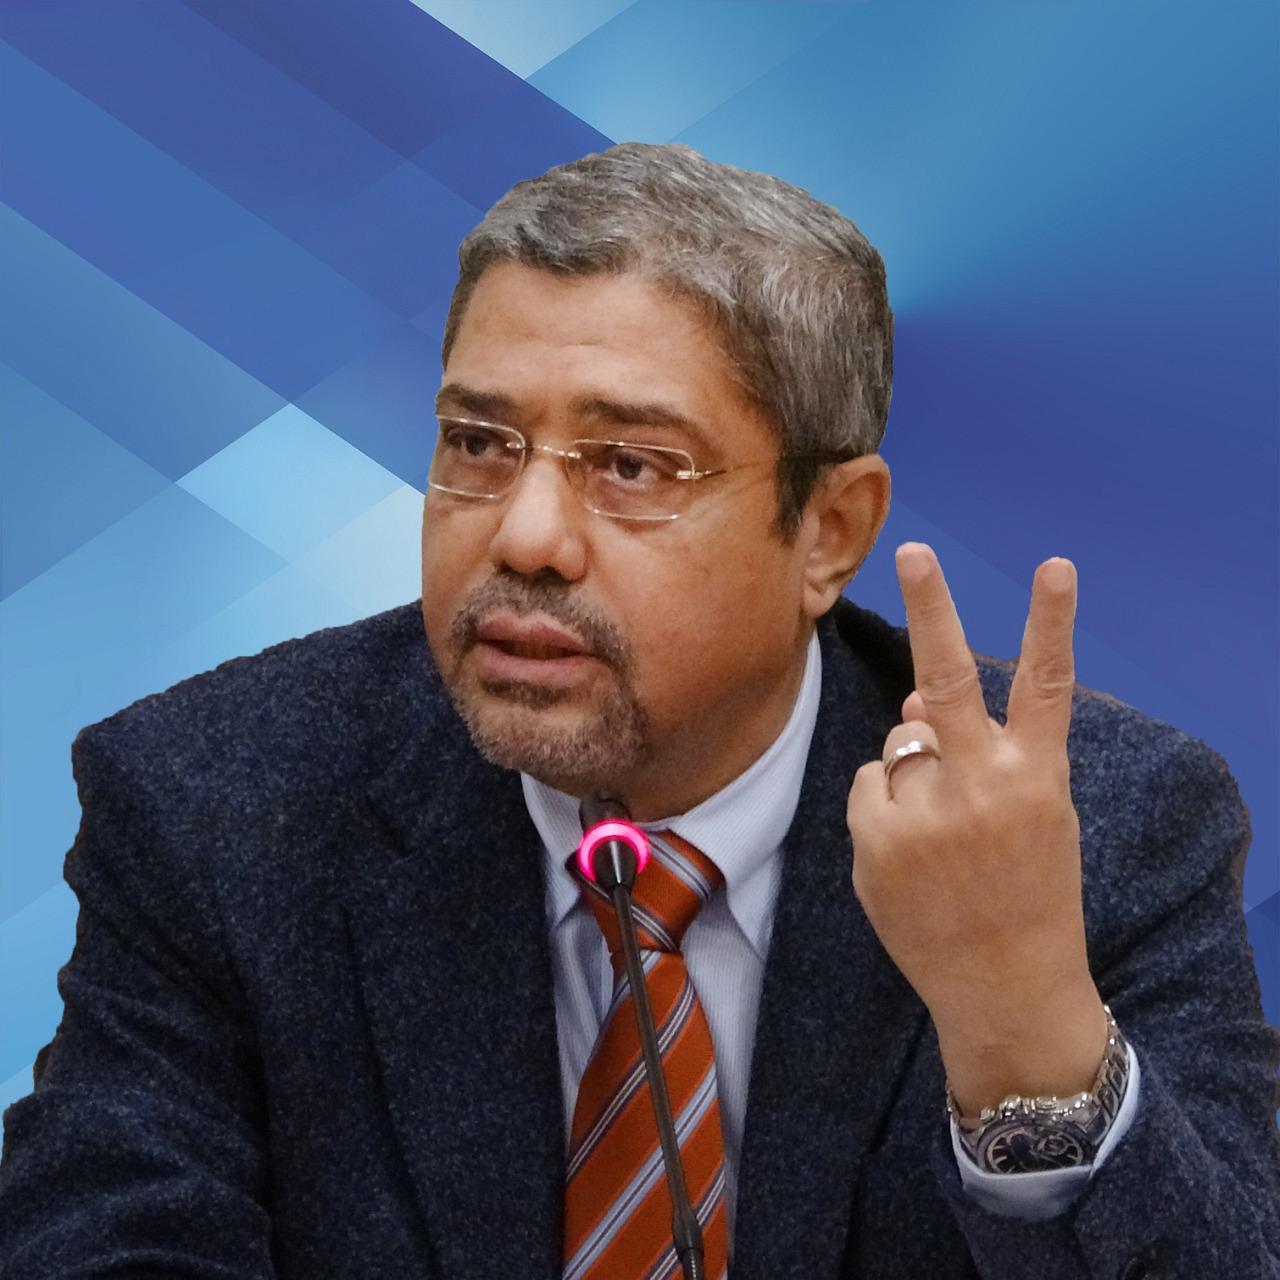 المهندس ابراهيم العربي يشيد برفع الحظر عن الموالح المصرية الي السوق الياباني